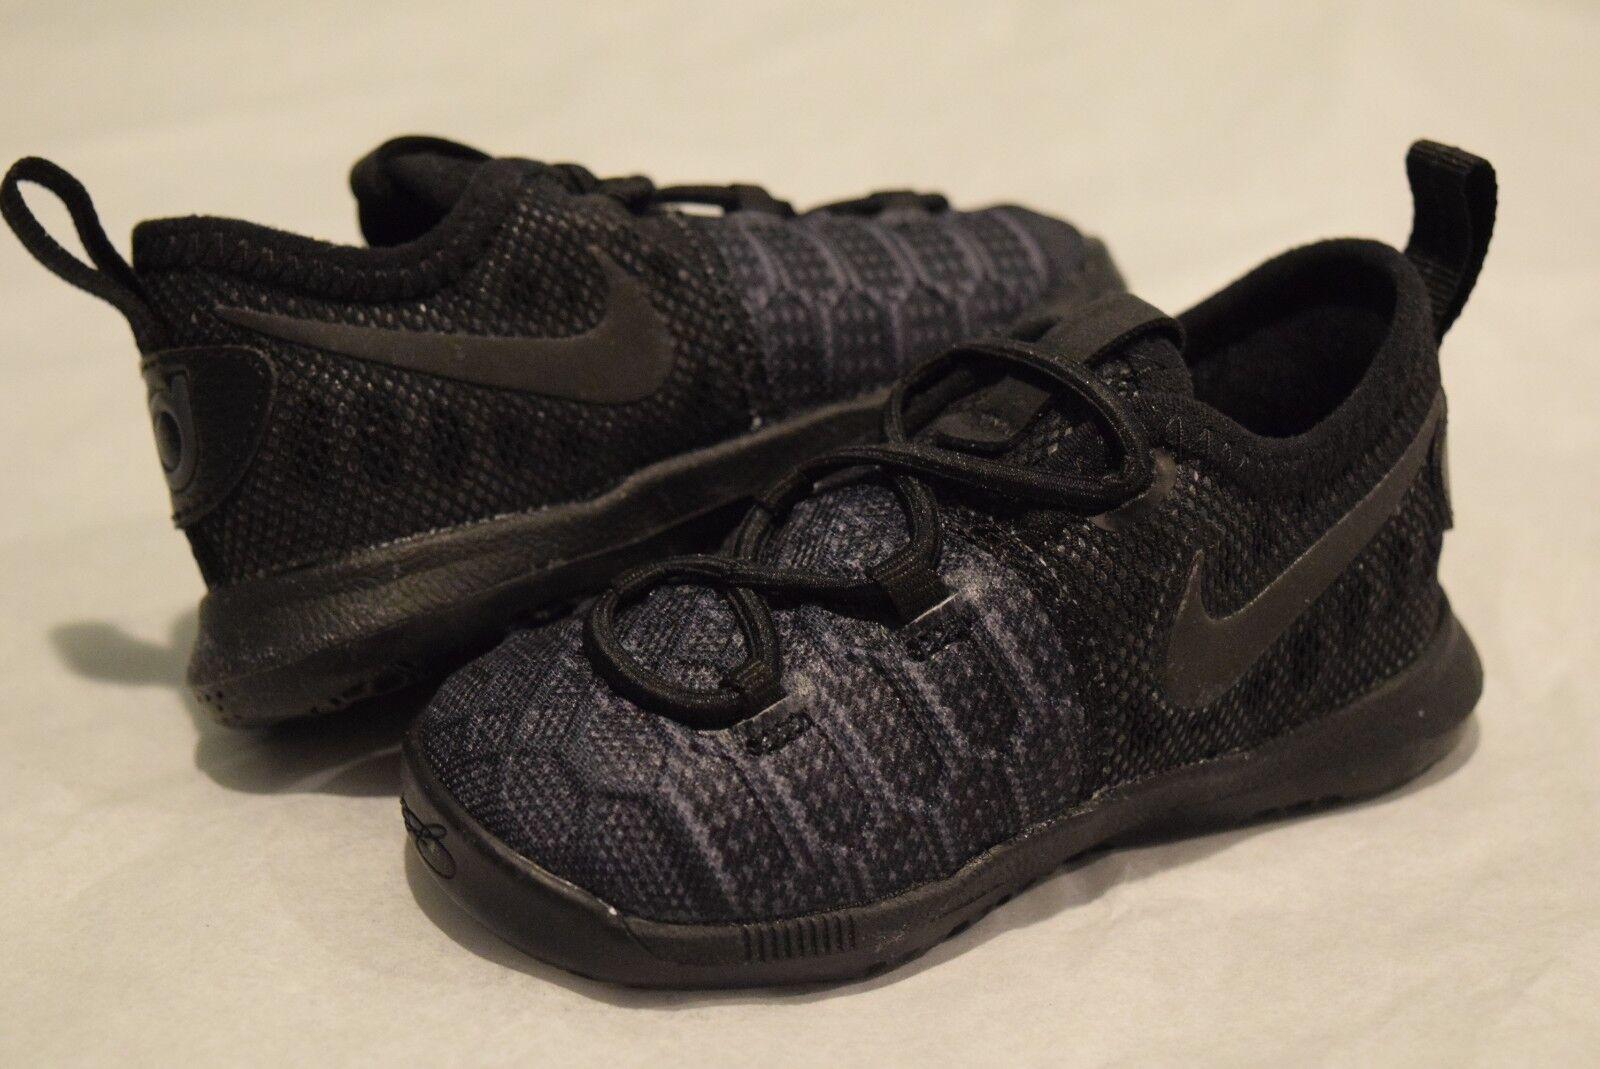 7efec8351b27 Nike KD 9 Boys  Toddler Black black anthracite 55910001 5 for sale ...